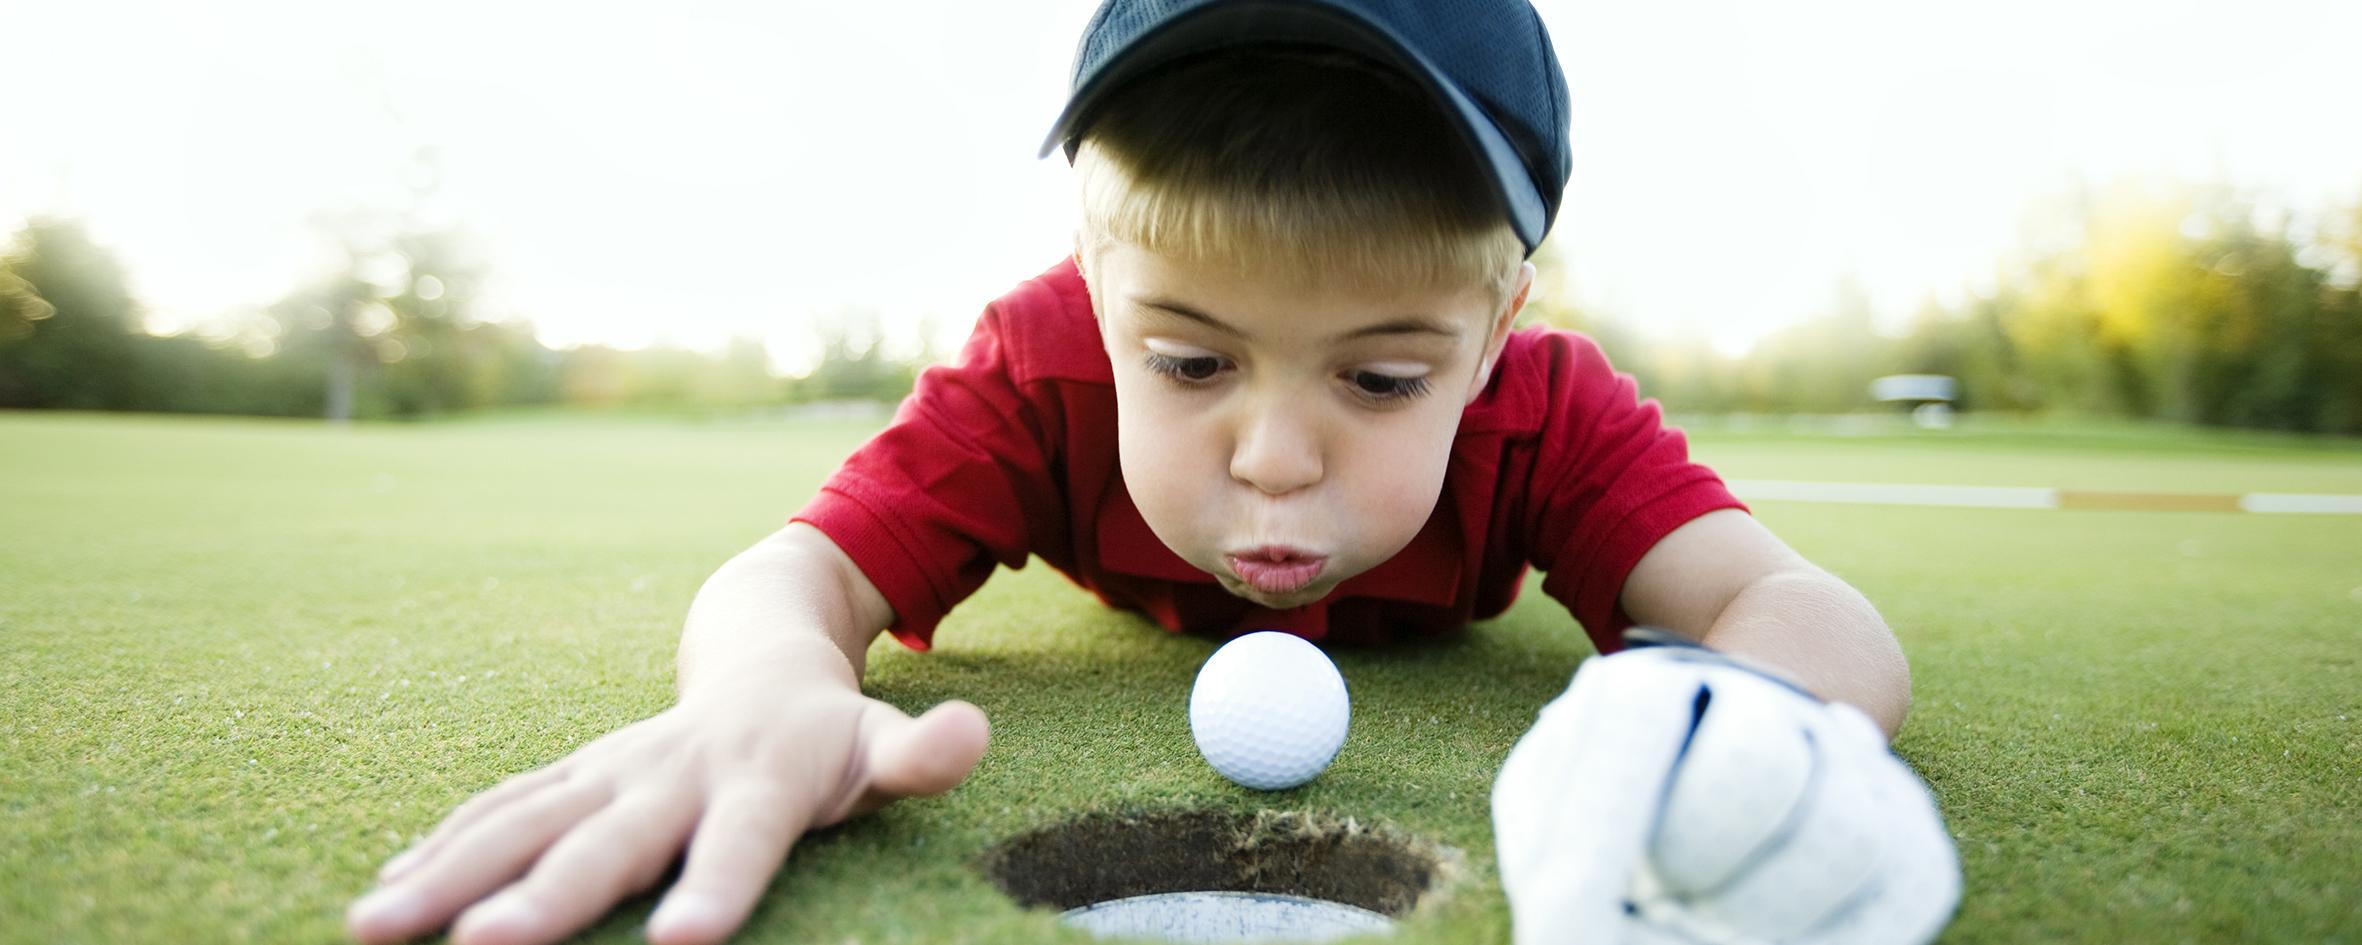 Pojke blåser ner golfboll i hål